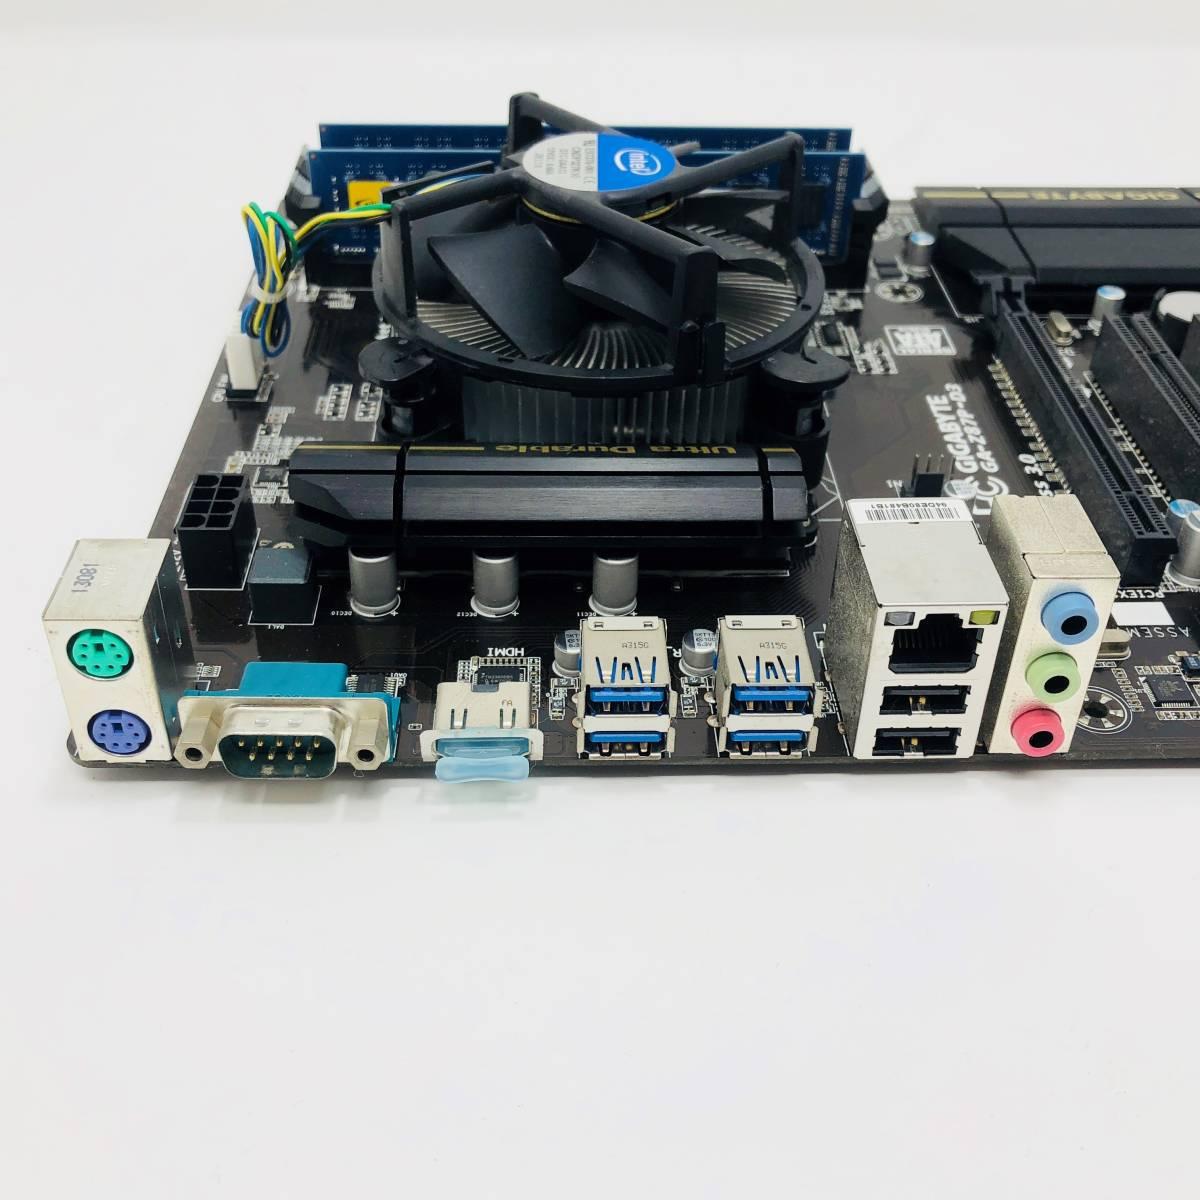 ★1円スタート!! 中古自作パーツセット BIOS起動OK 第4世代 Core i37 4770 3.4GHz DDR3 4GB ×2 GIGABYTE Z87_画像3